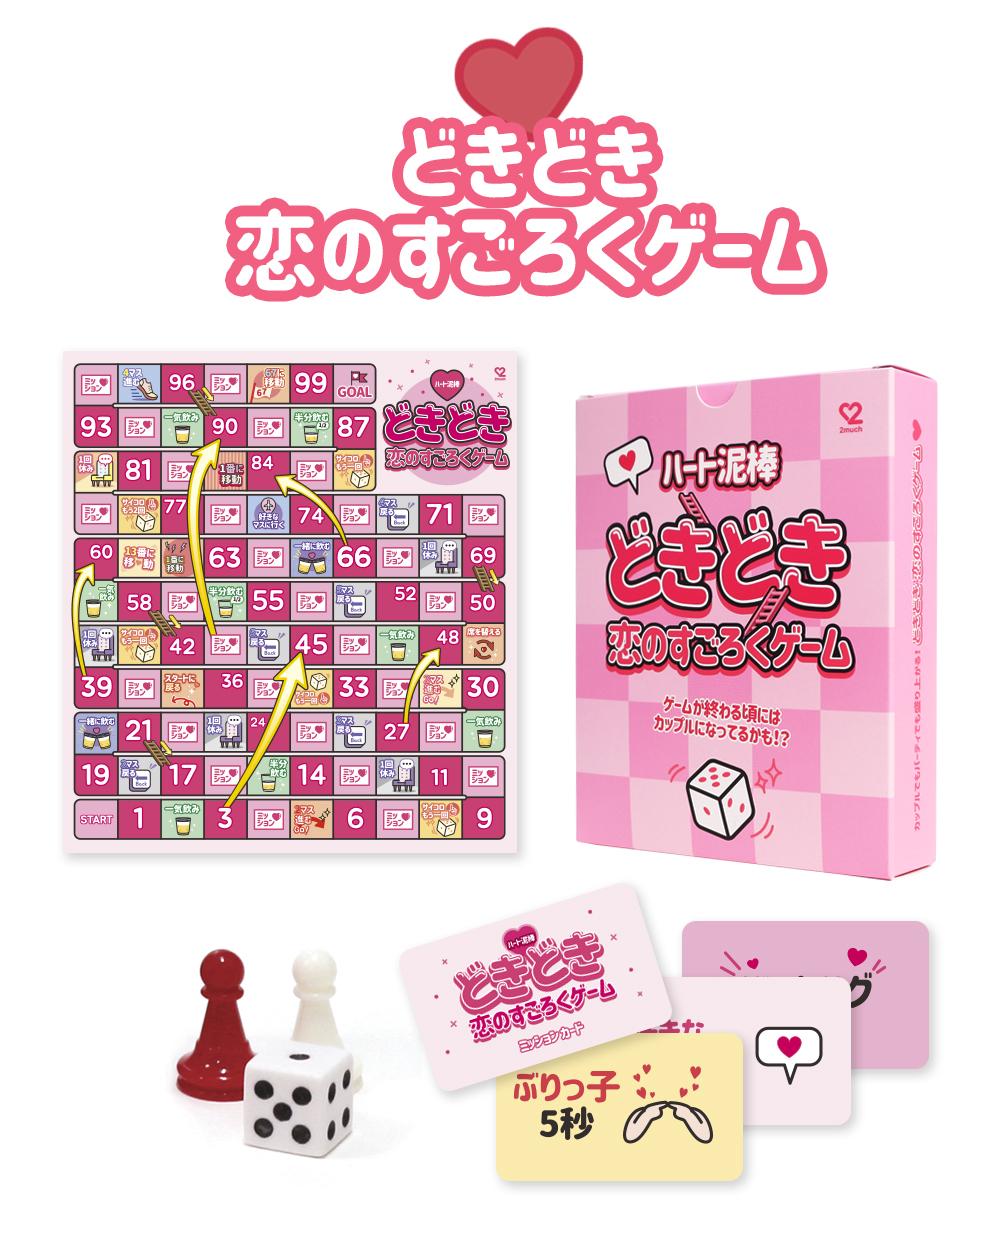 【今年のバレンタインの新しい過ごし方、韓国発カップルゲームで盛り上がる】